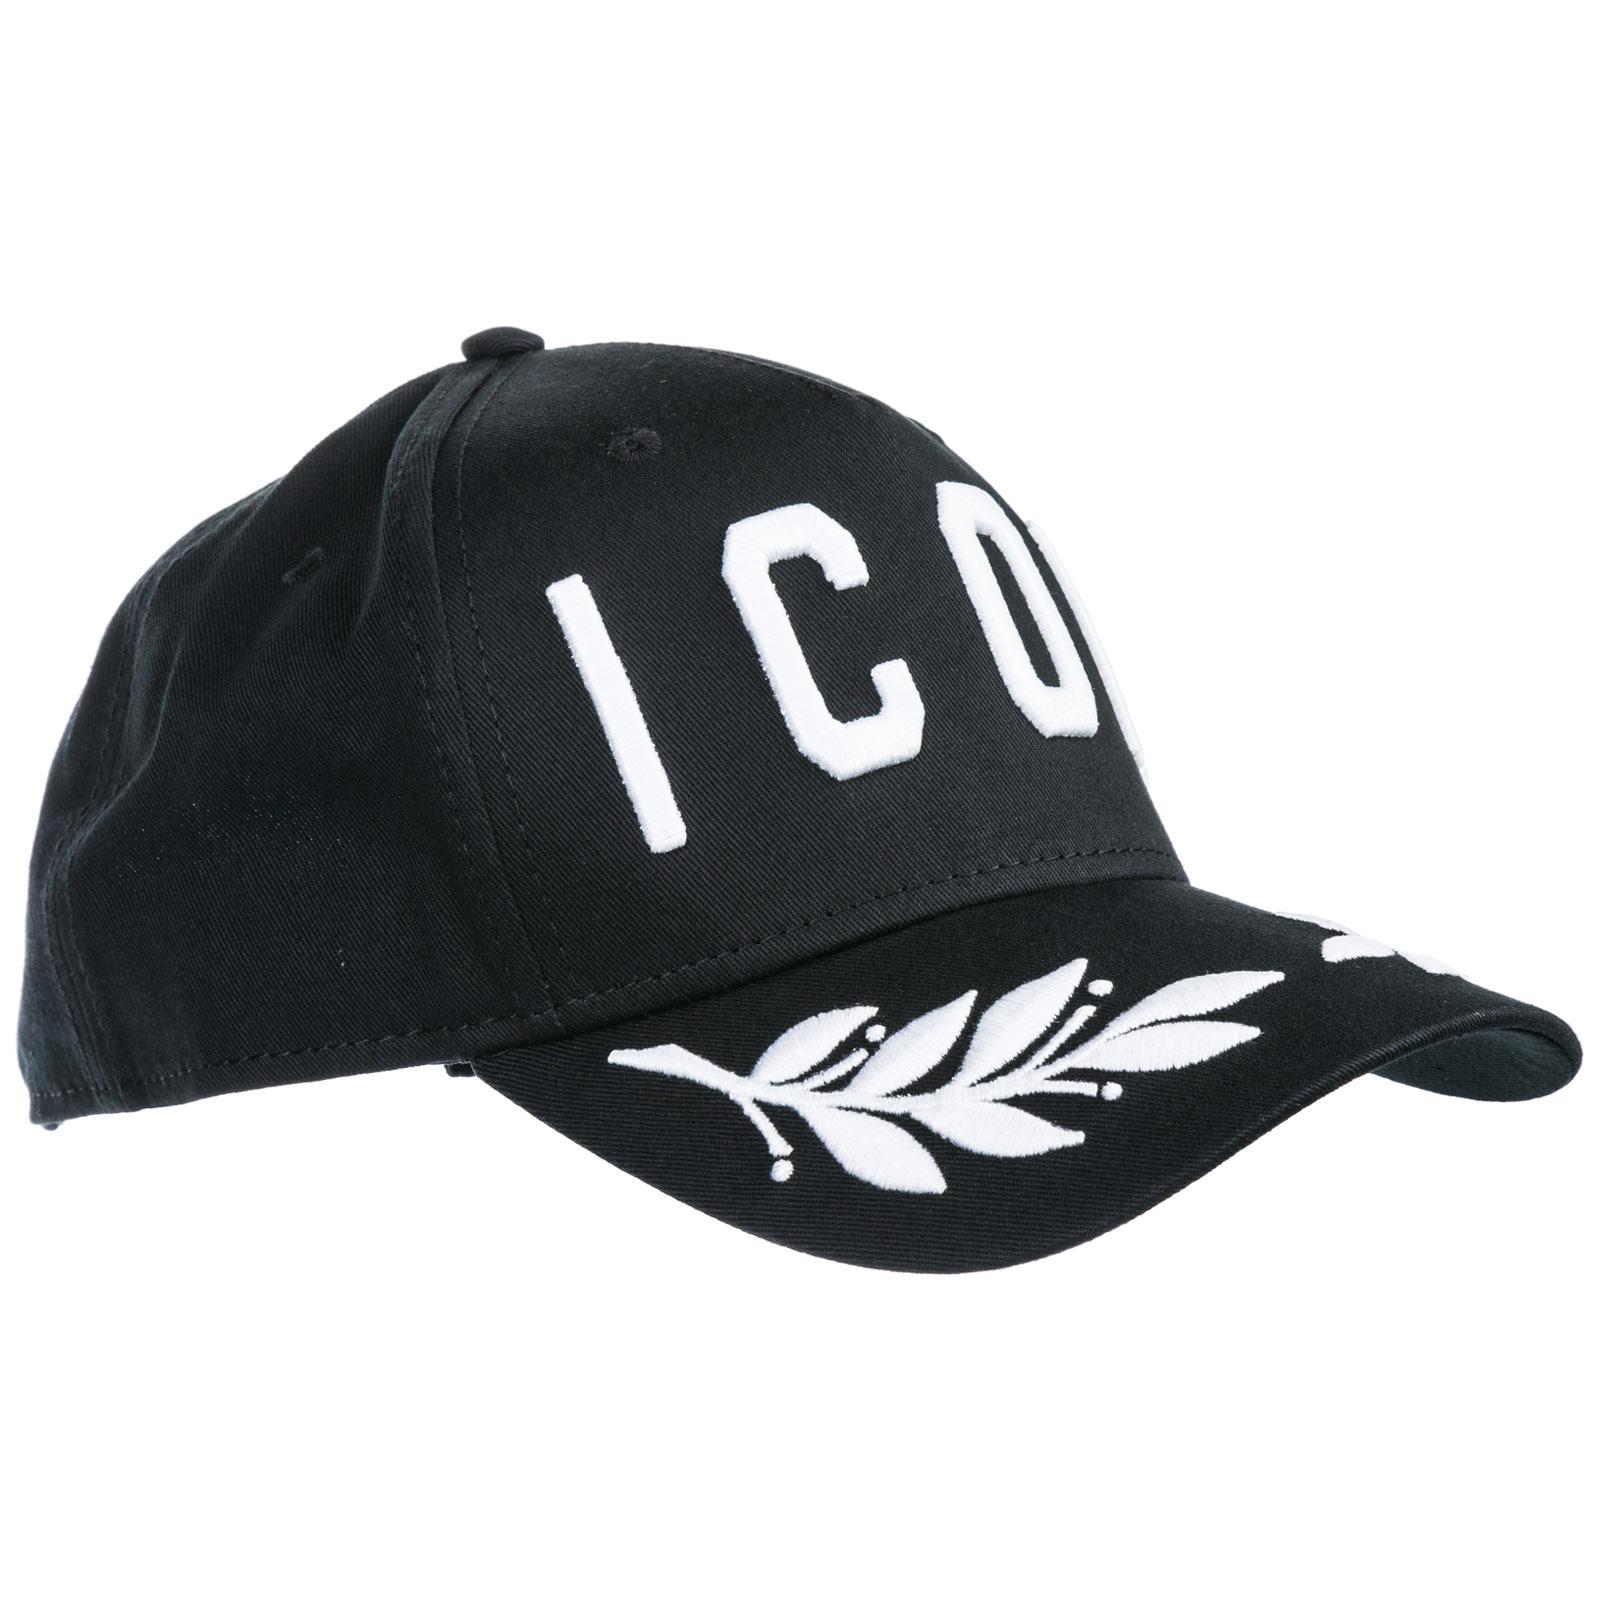 Cappello baseball Dsquared2 Icon BCM015905C00001M063 nero + bianco ... 68465305efcf